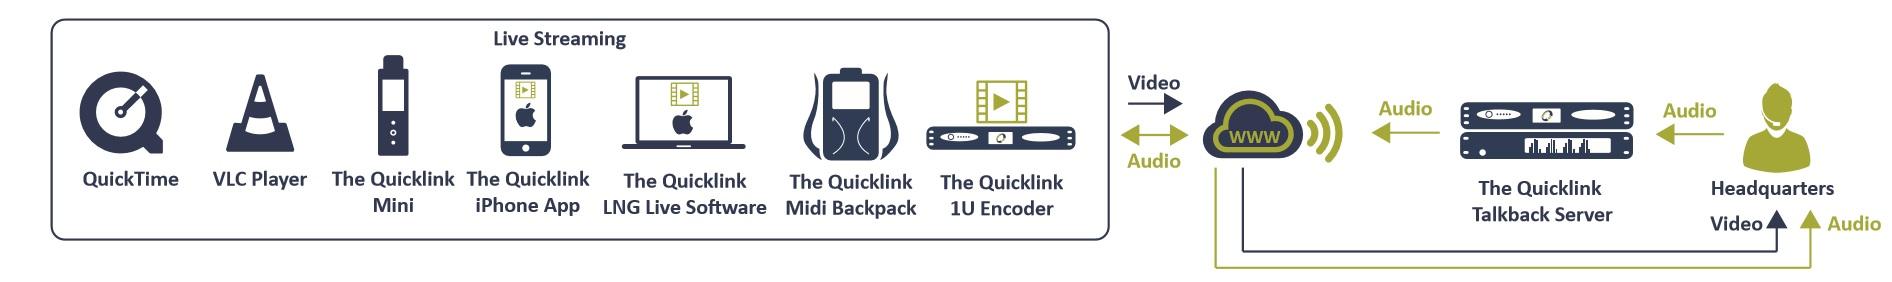 Quicklink-Talkback-diagram